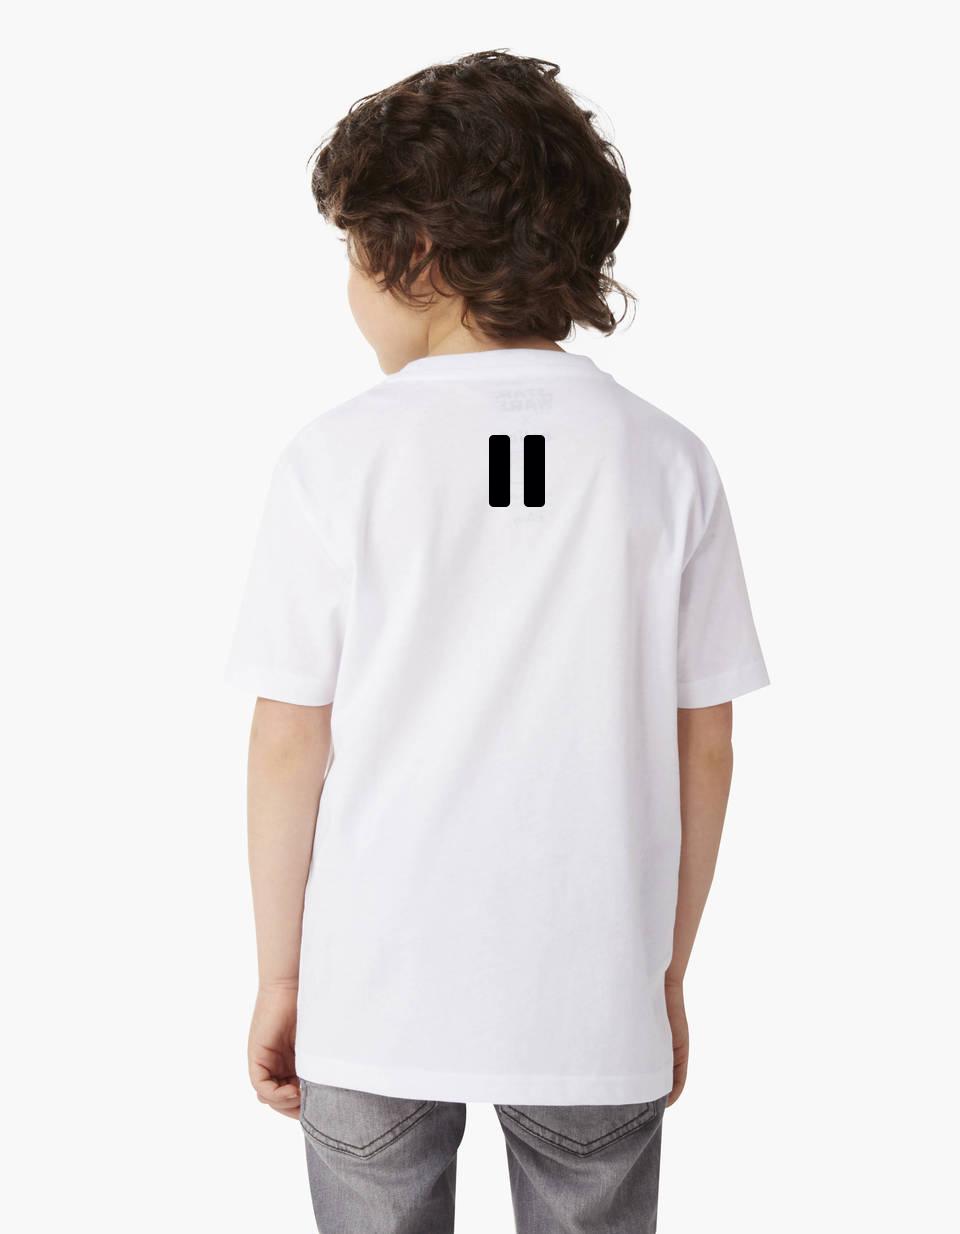 kideaz t shirt enfant pause